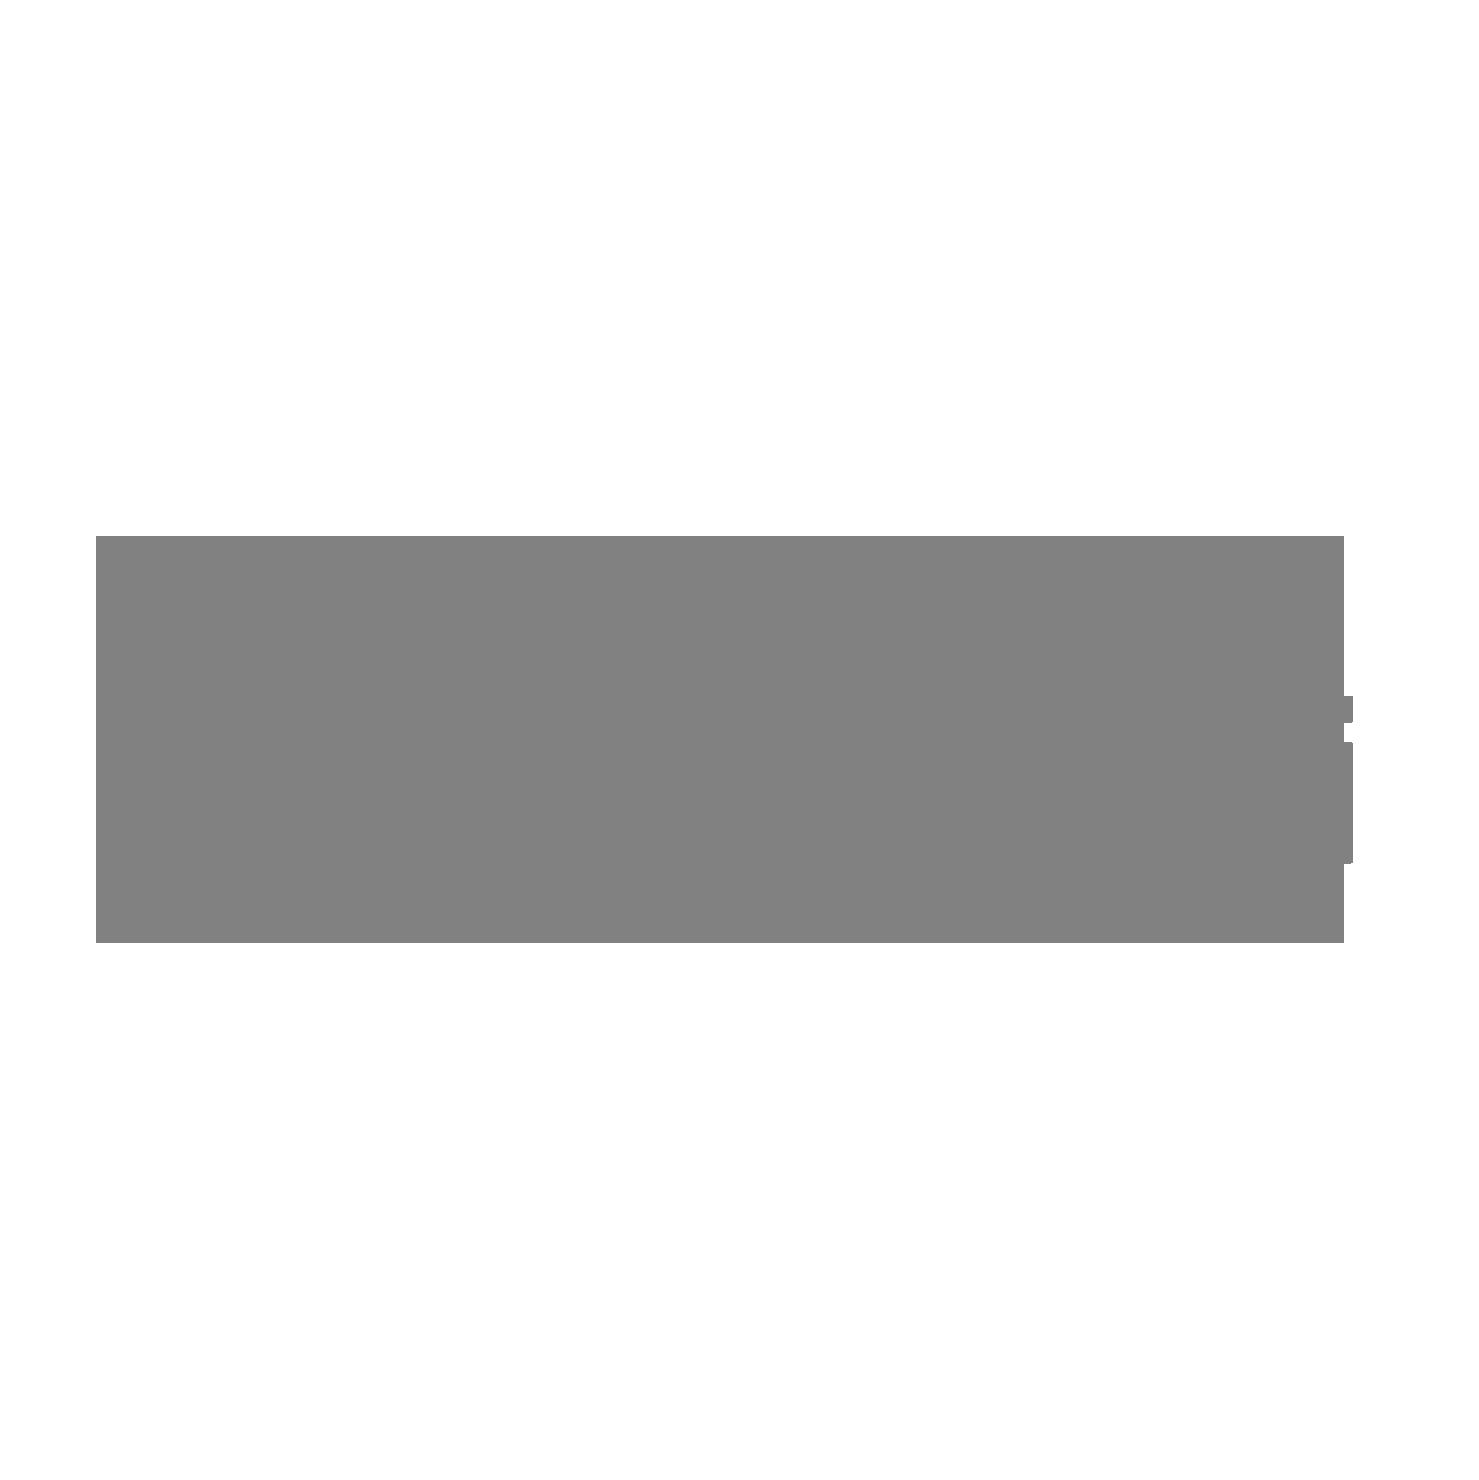 Tokidoki_001.png